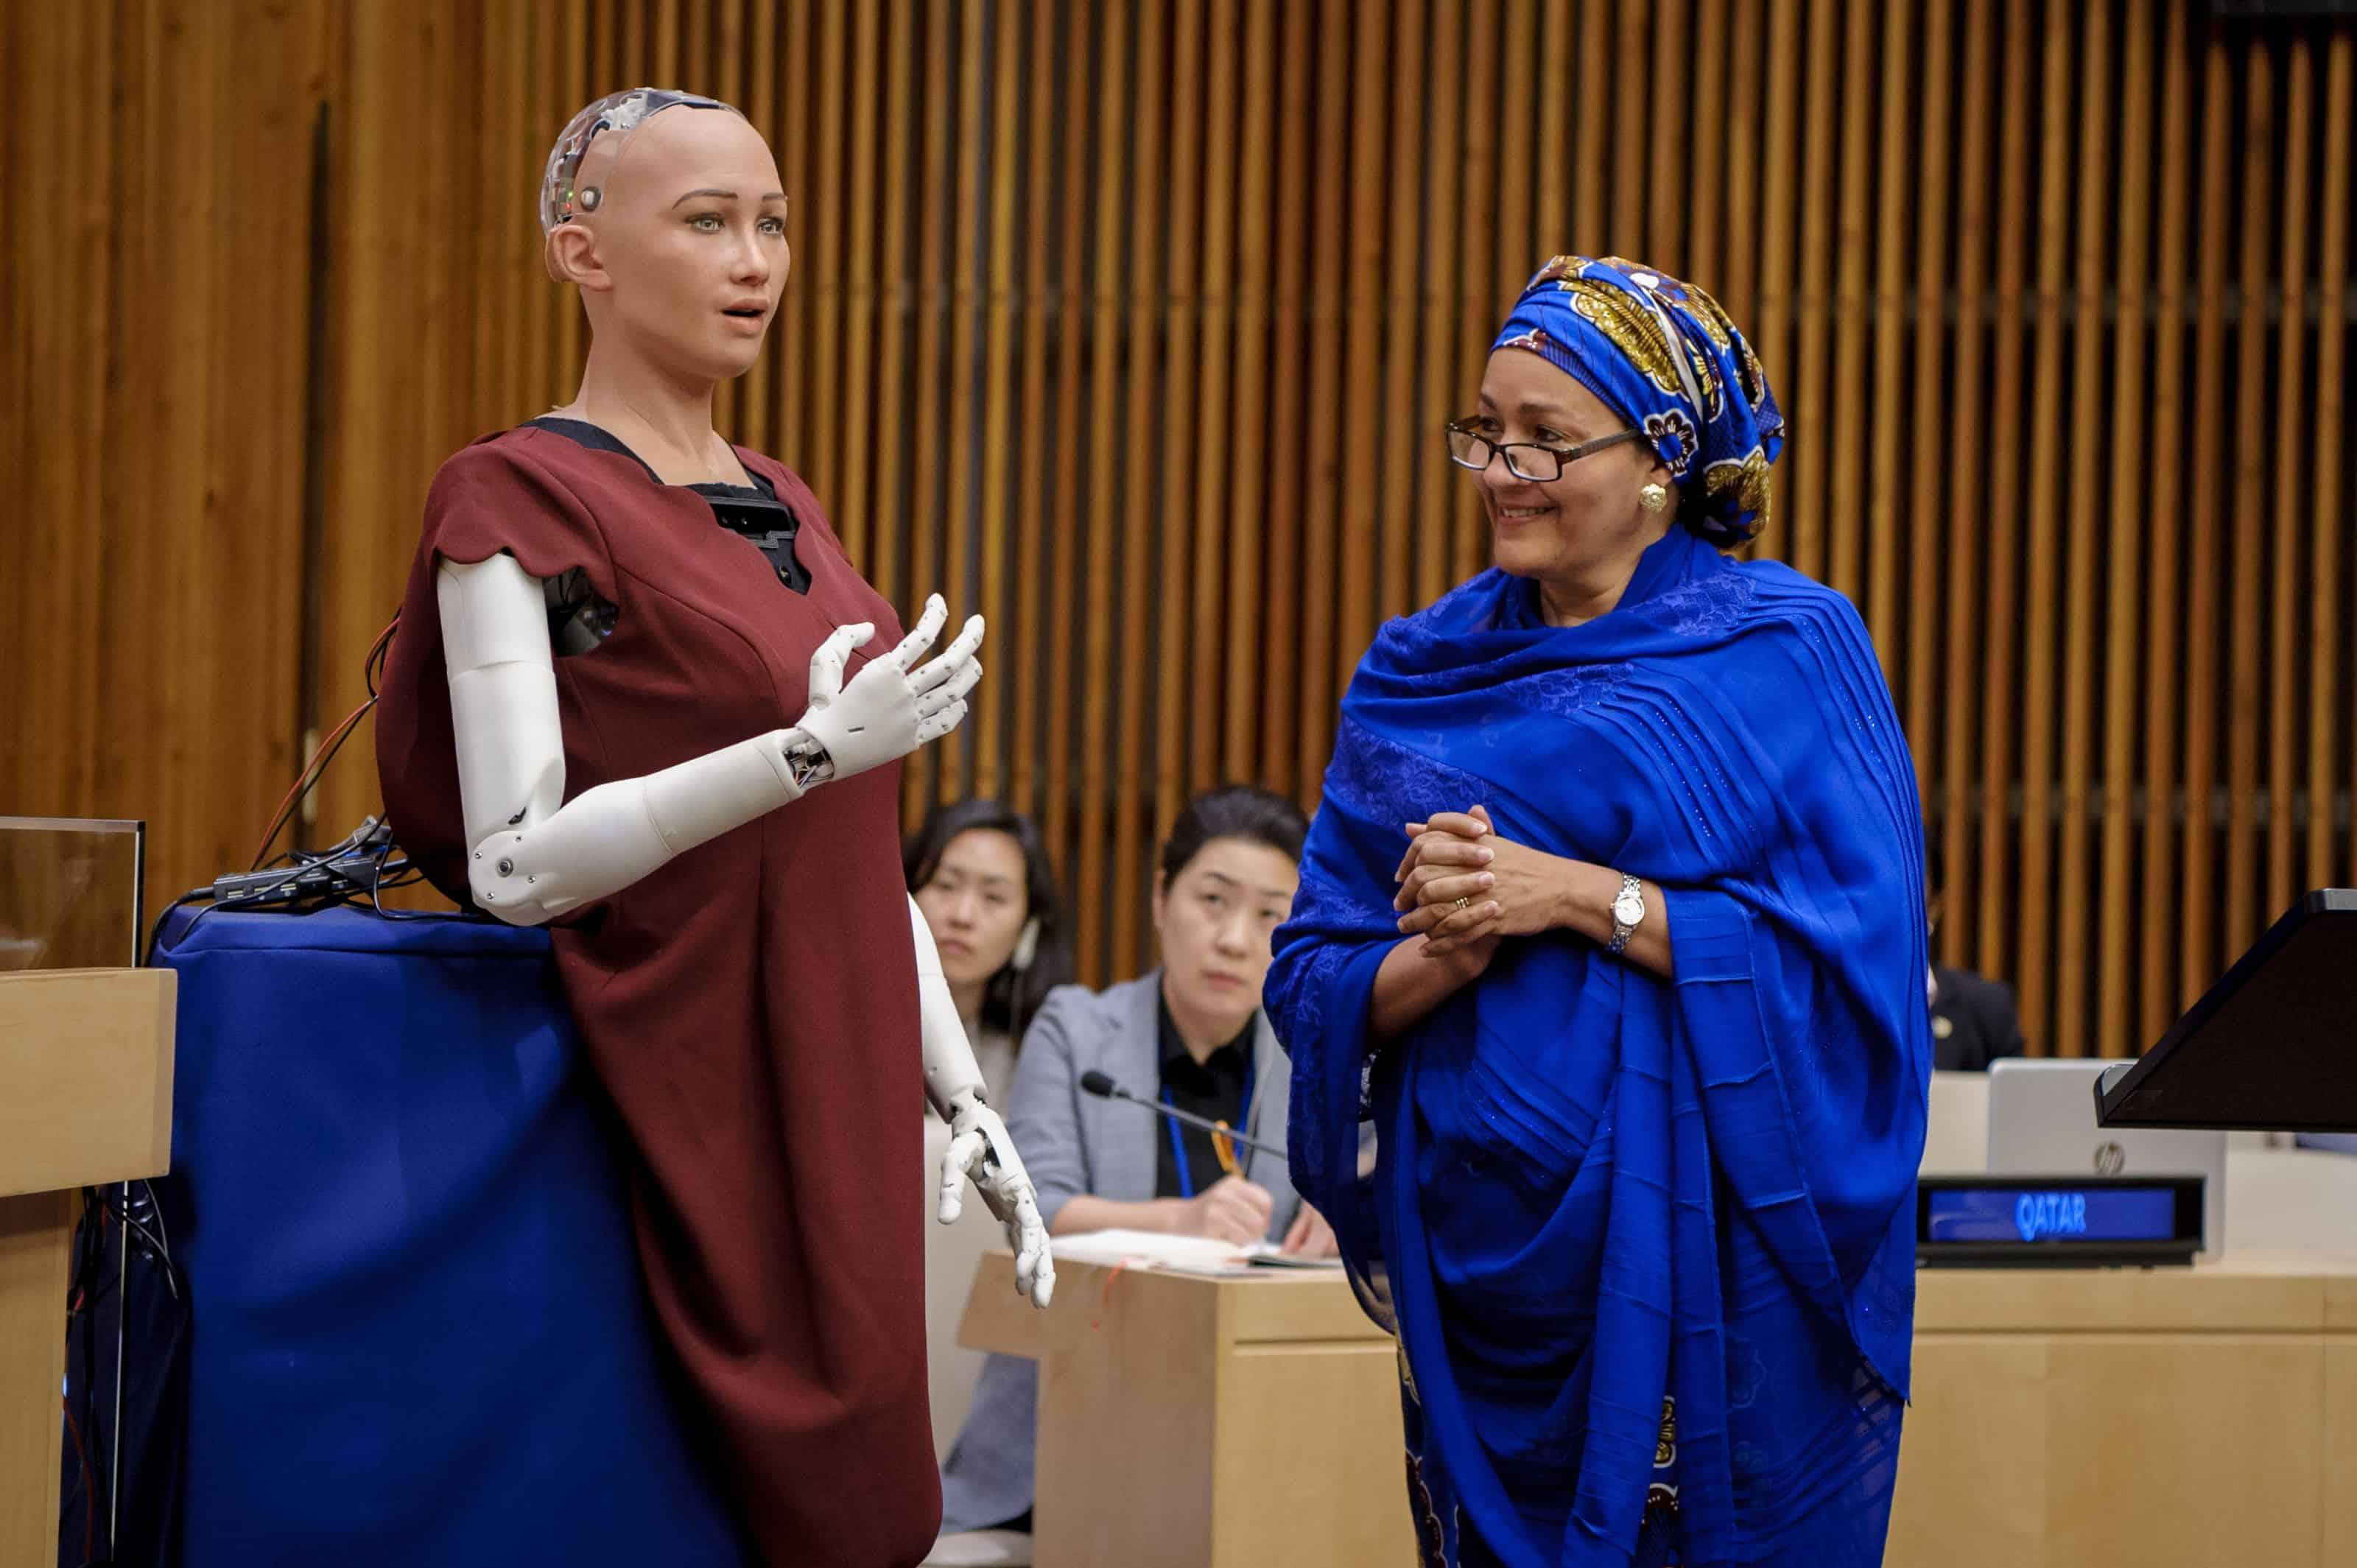 """ca1c42230d10d98c08d46057cad56638 """"صوفيا"""" أول روبوت في العالم تُمنح له جنسية وجواز سفر!"""